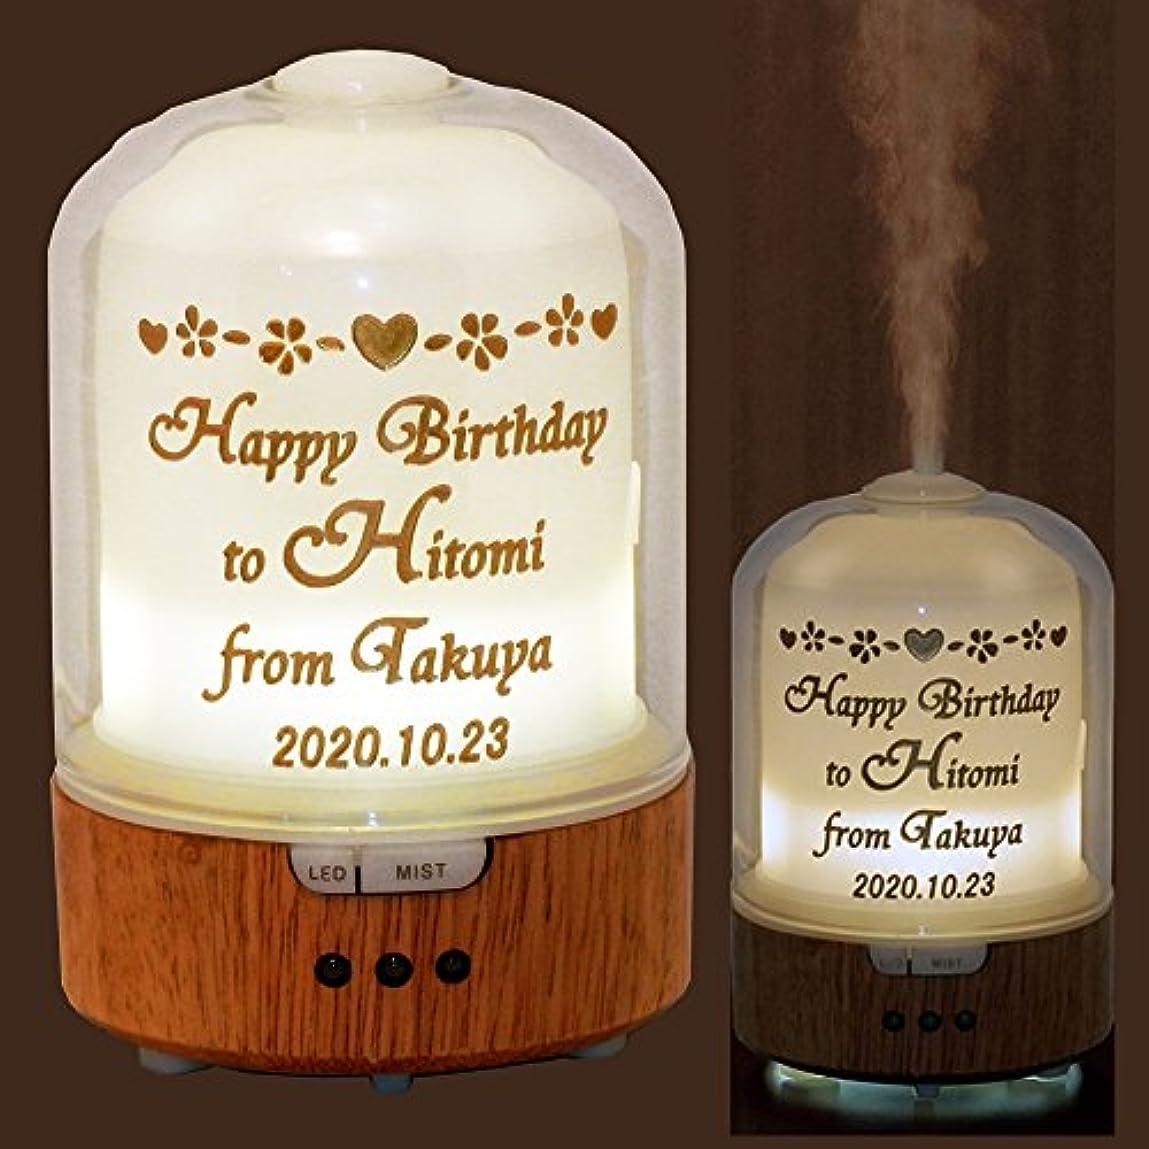 姿勢吸収フェードアウト名入れ 名前 アロマディフューザー 加湿器 超音波式 還暦 誕生日 母の日 女性プレゼント